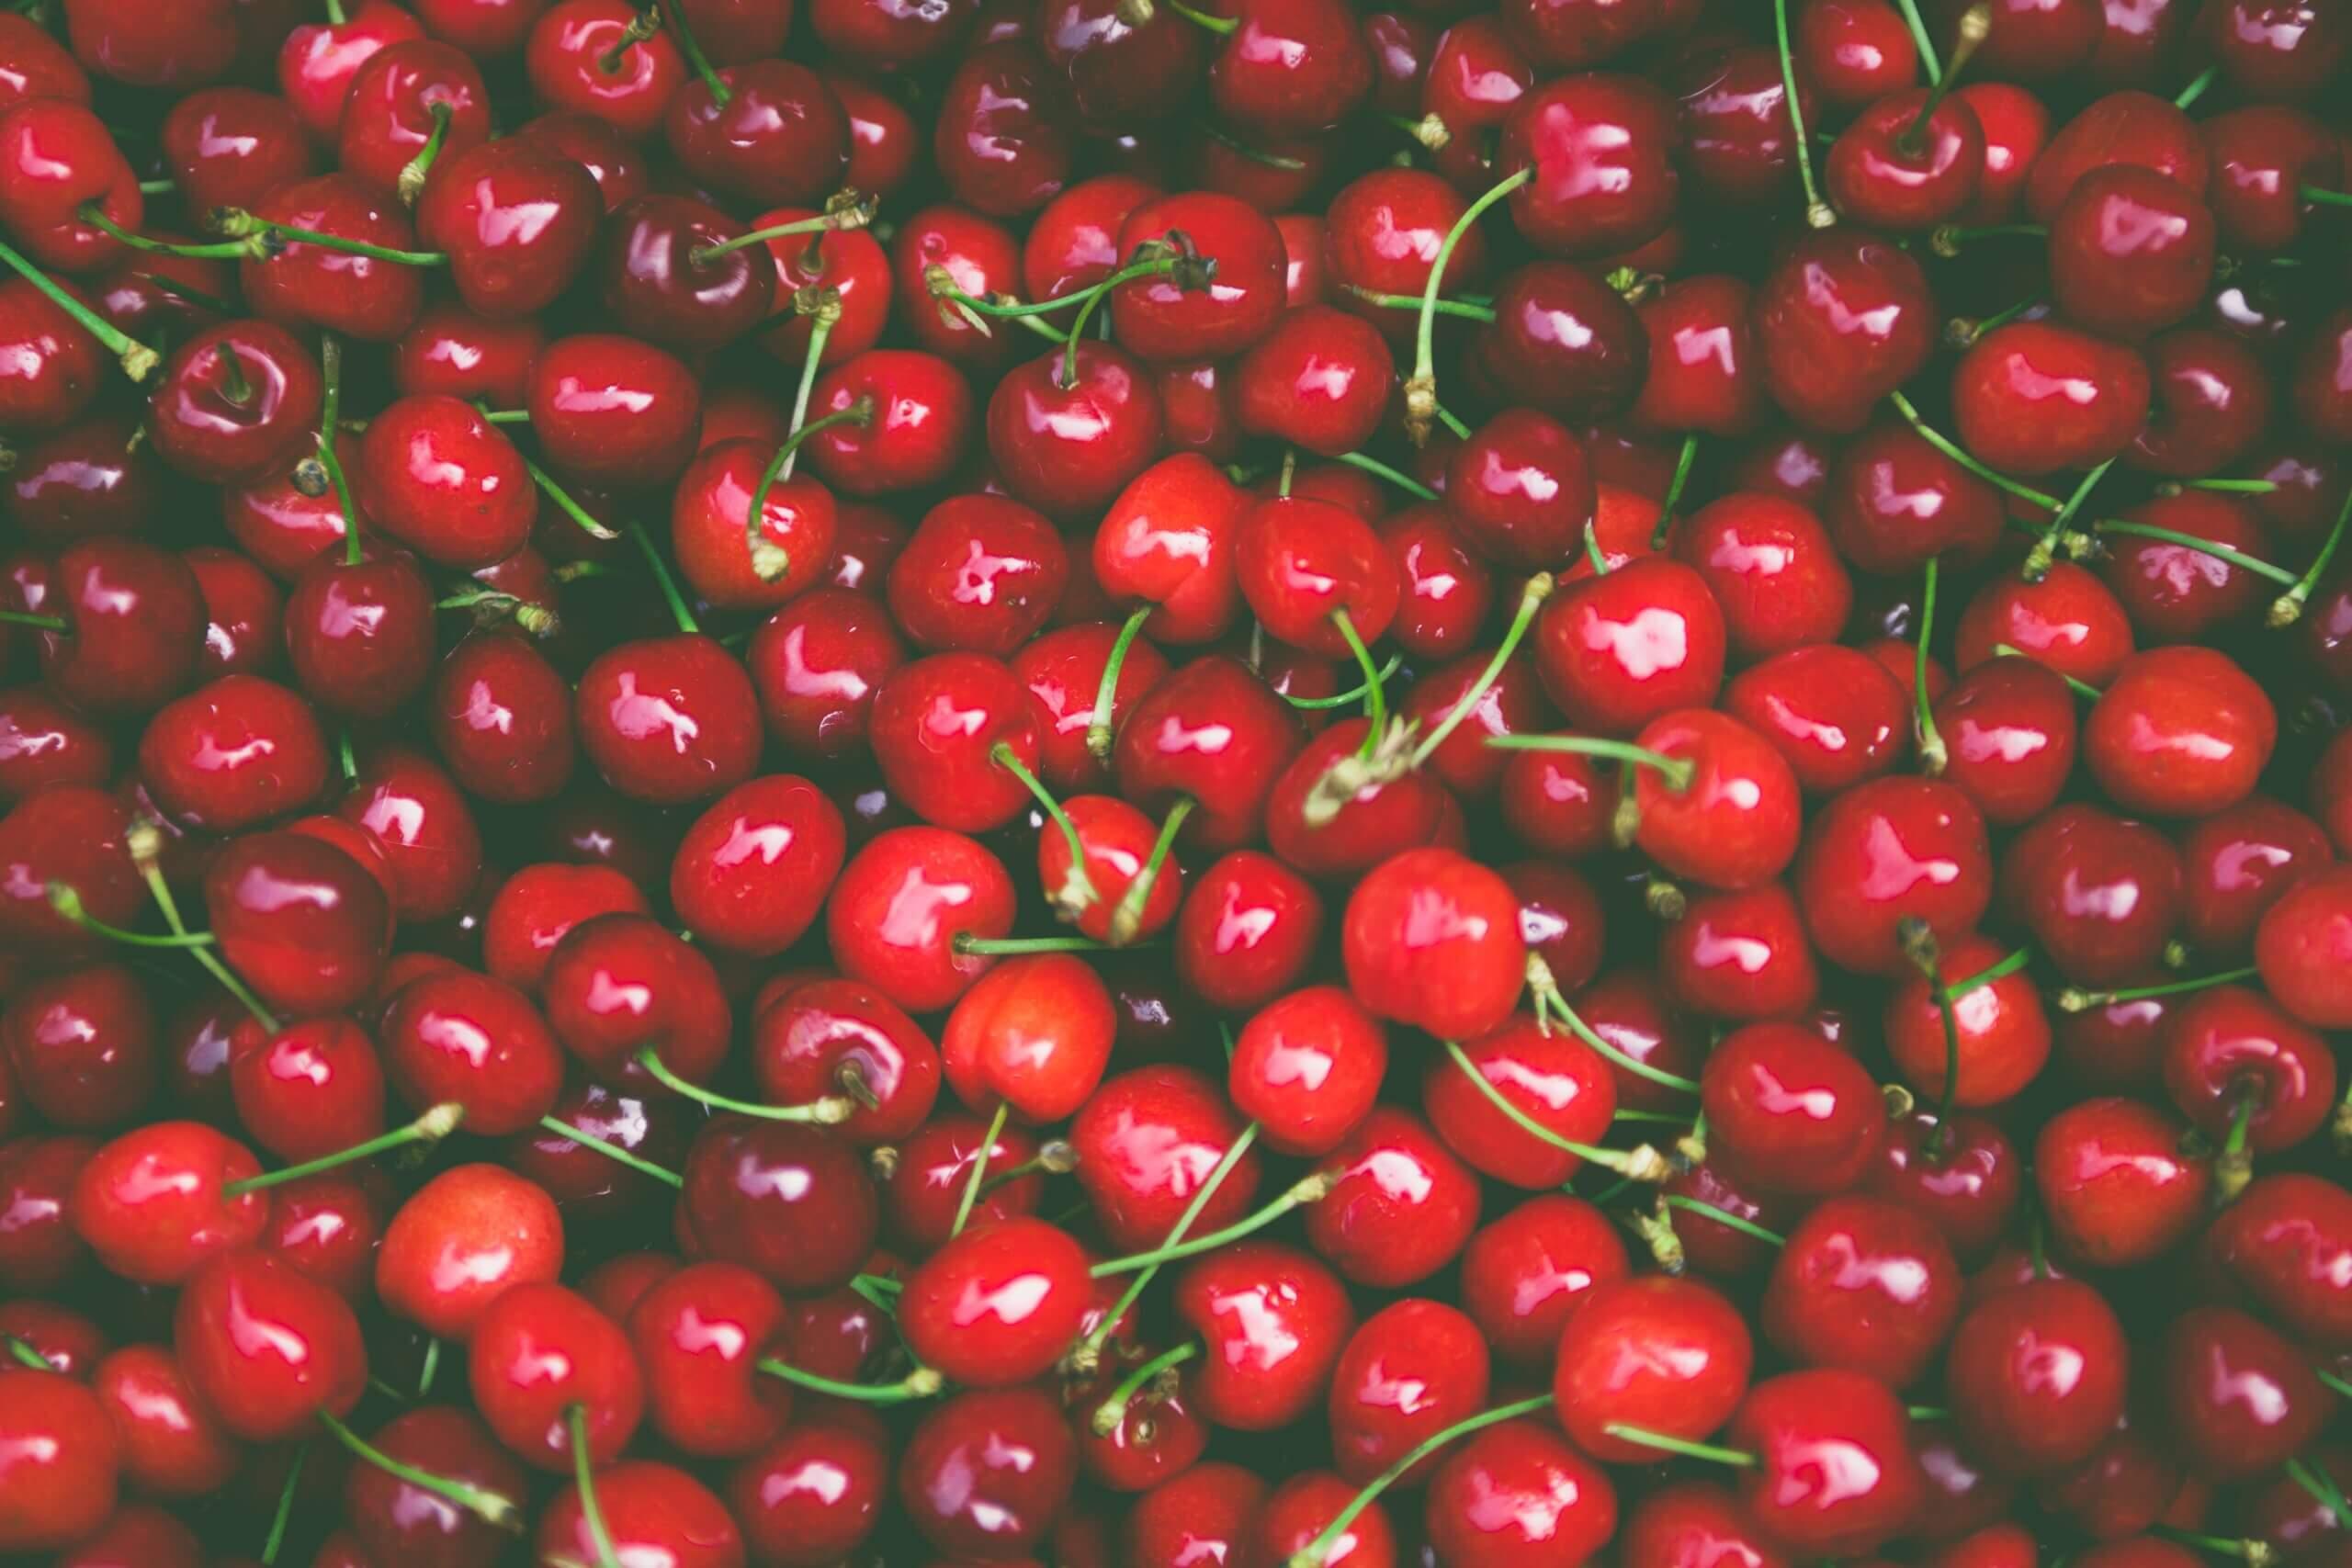 櫻桃對健康,美麗和減肥的特性及危害